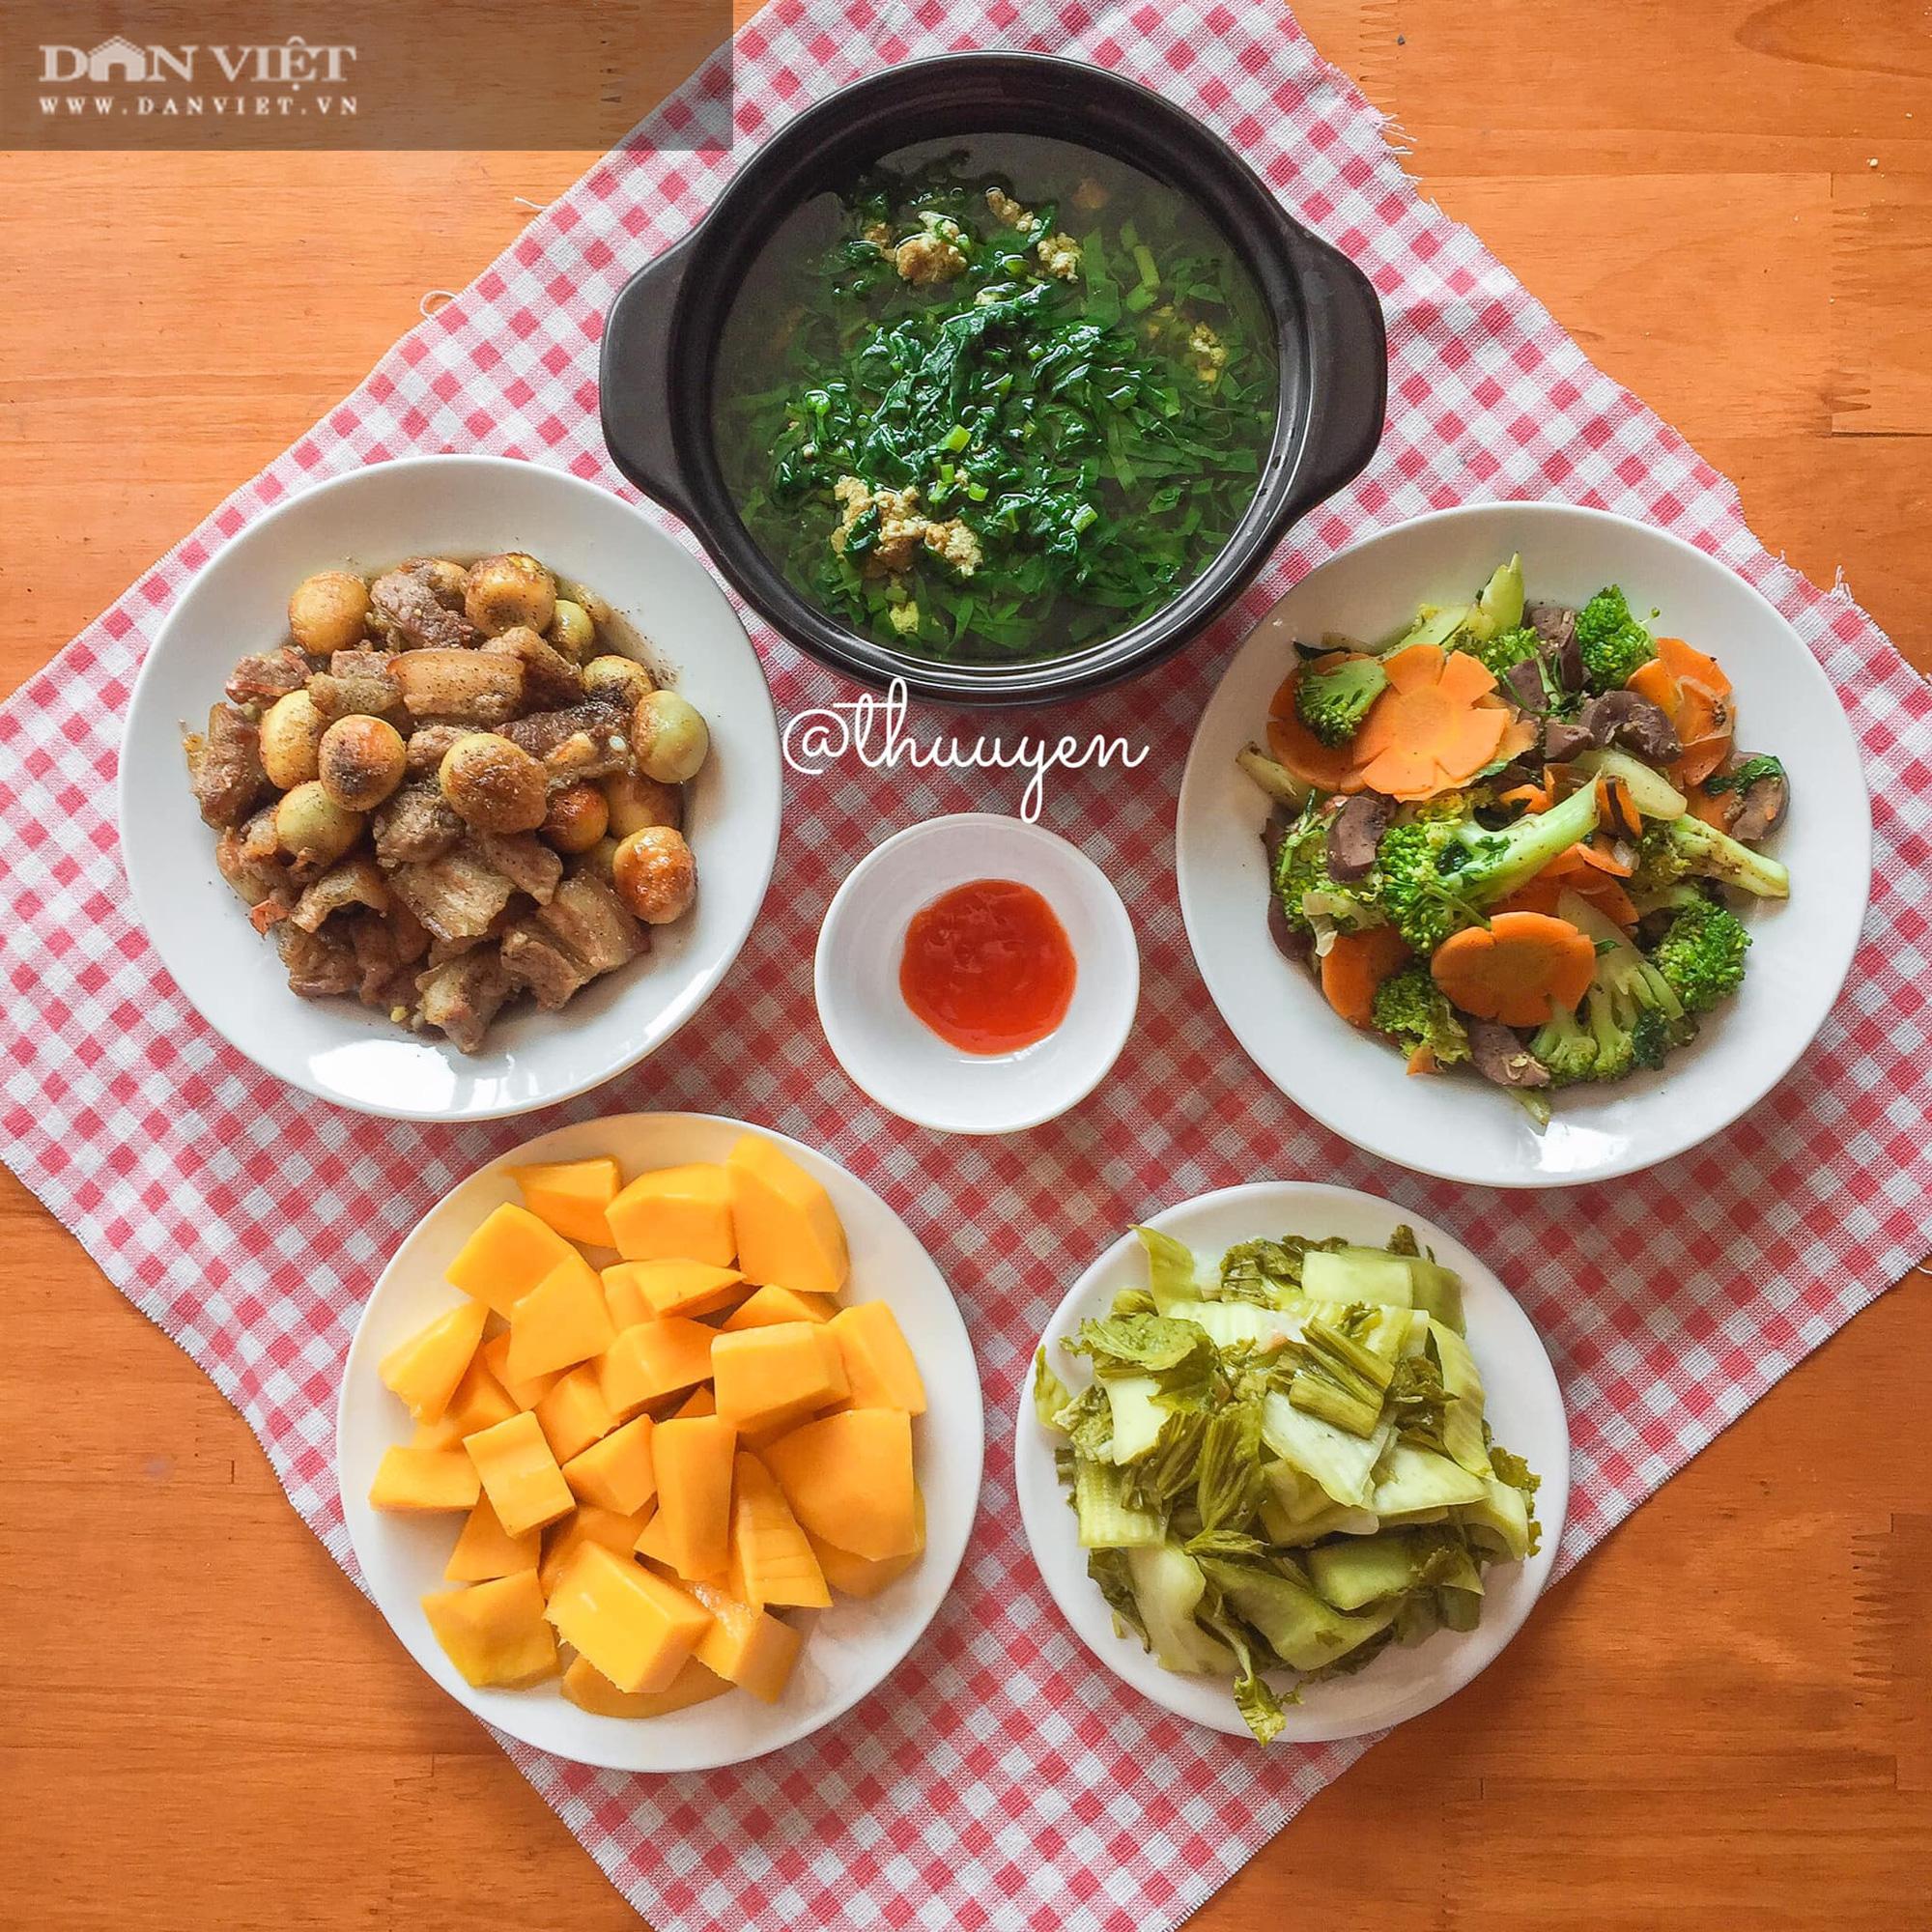 Gợi ý 9 thực đơn cho bữa cơm gia đình xua tan cái nóng của mùa hè - Ảnh 8.